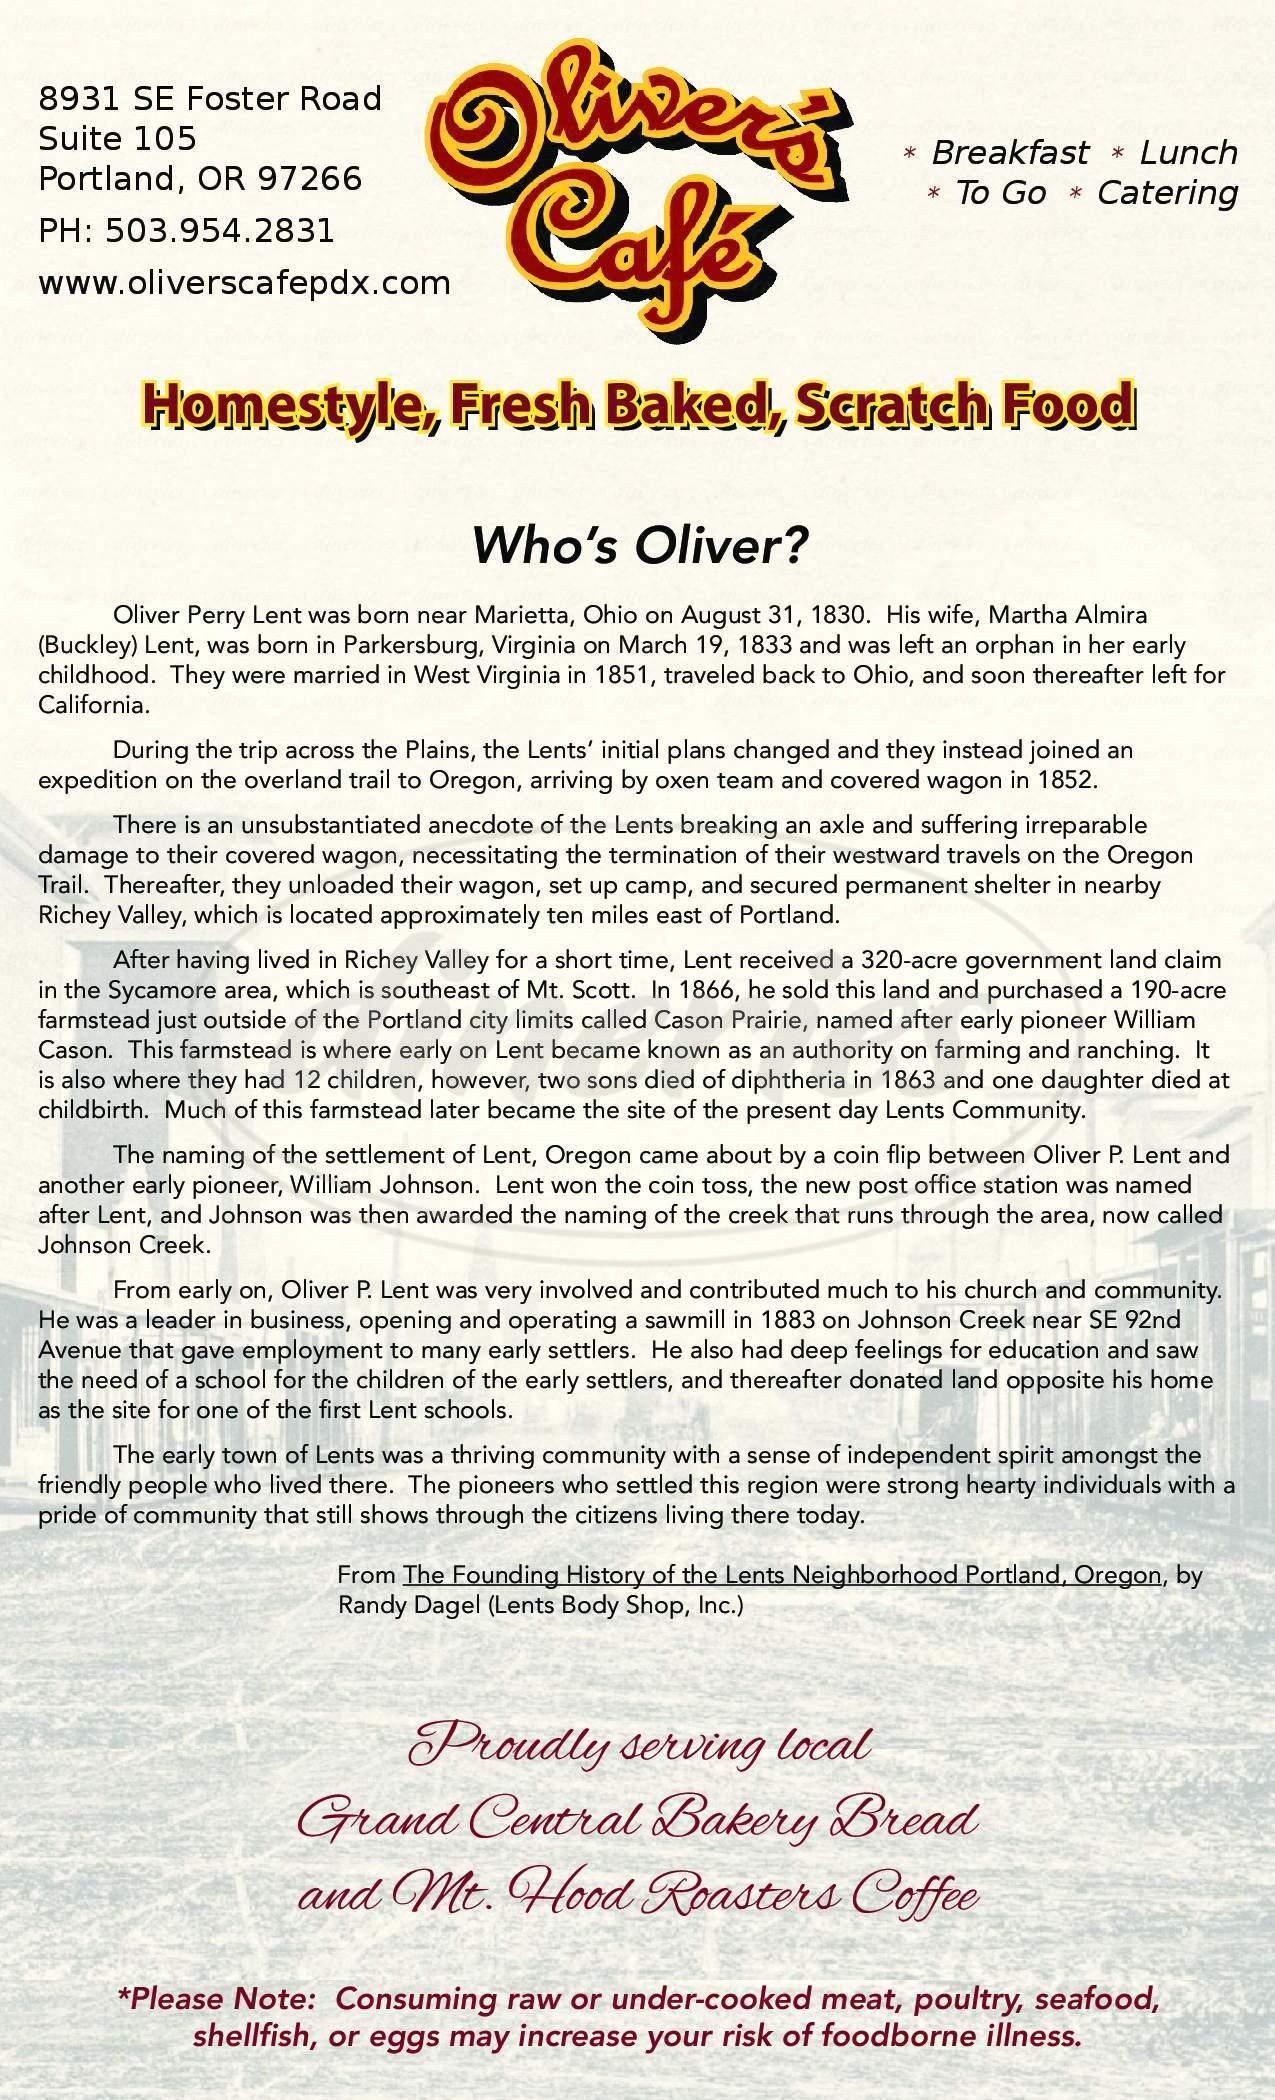 menu for Oliver's Cafe